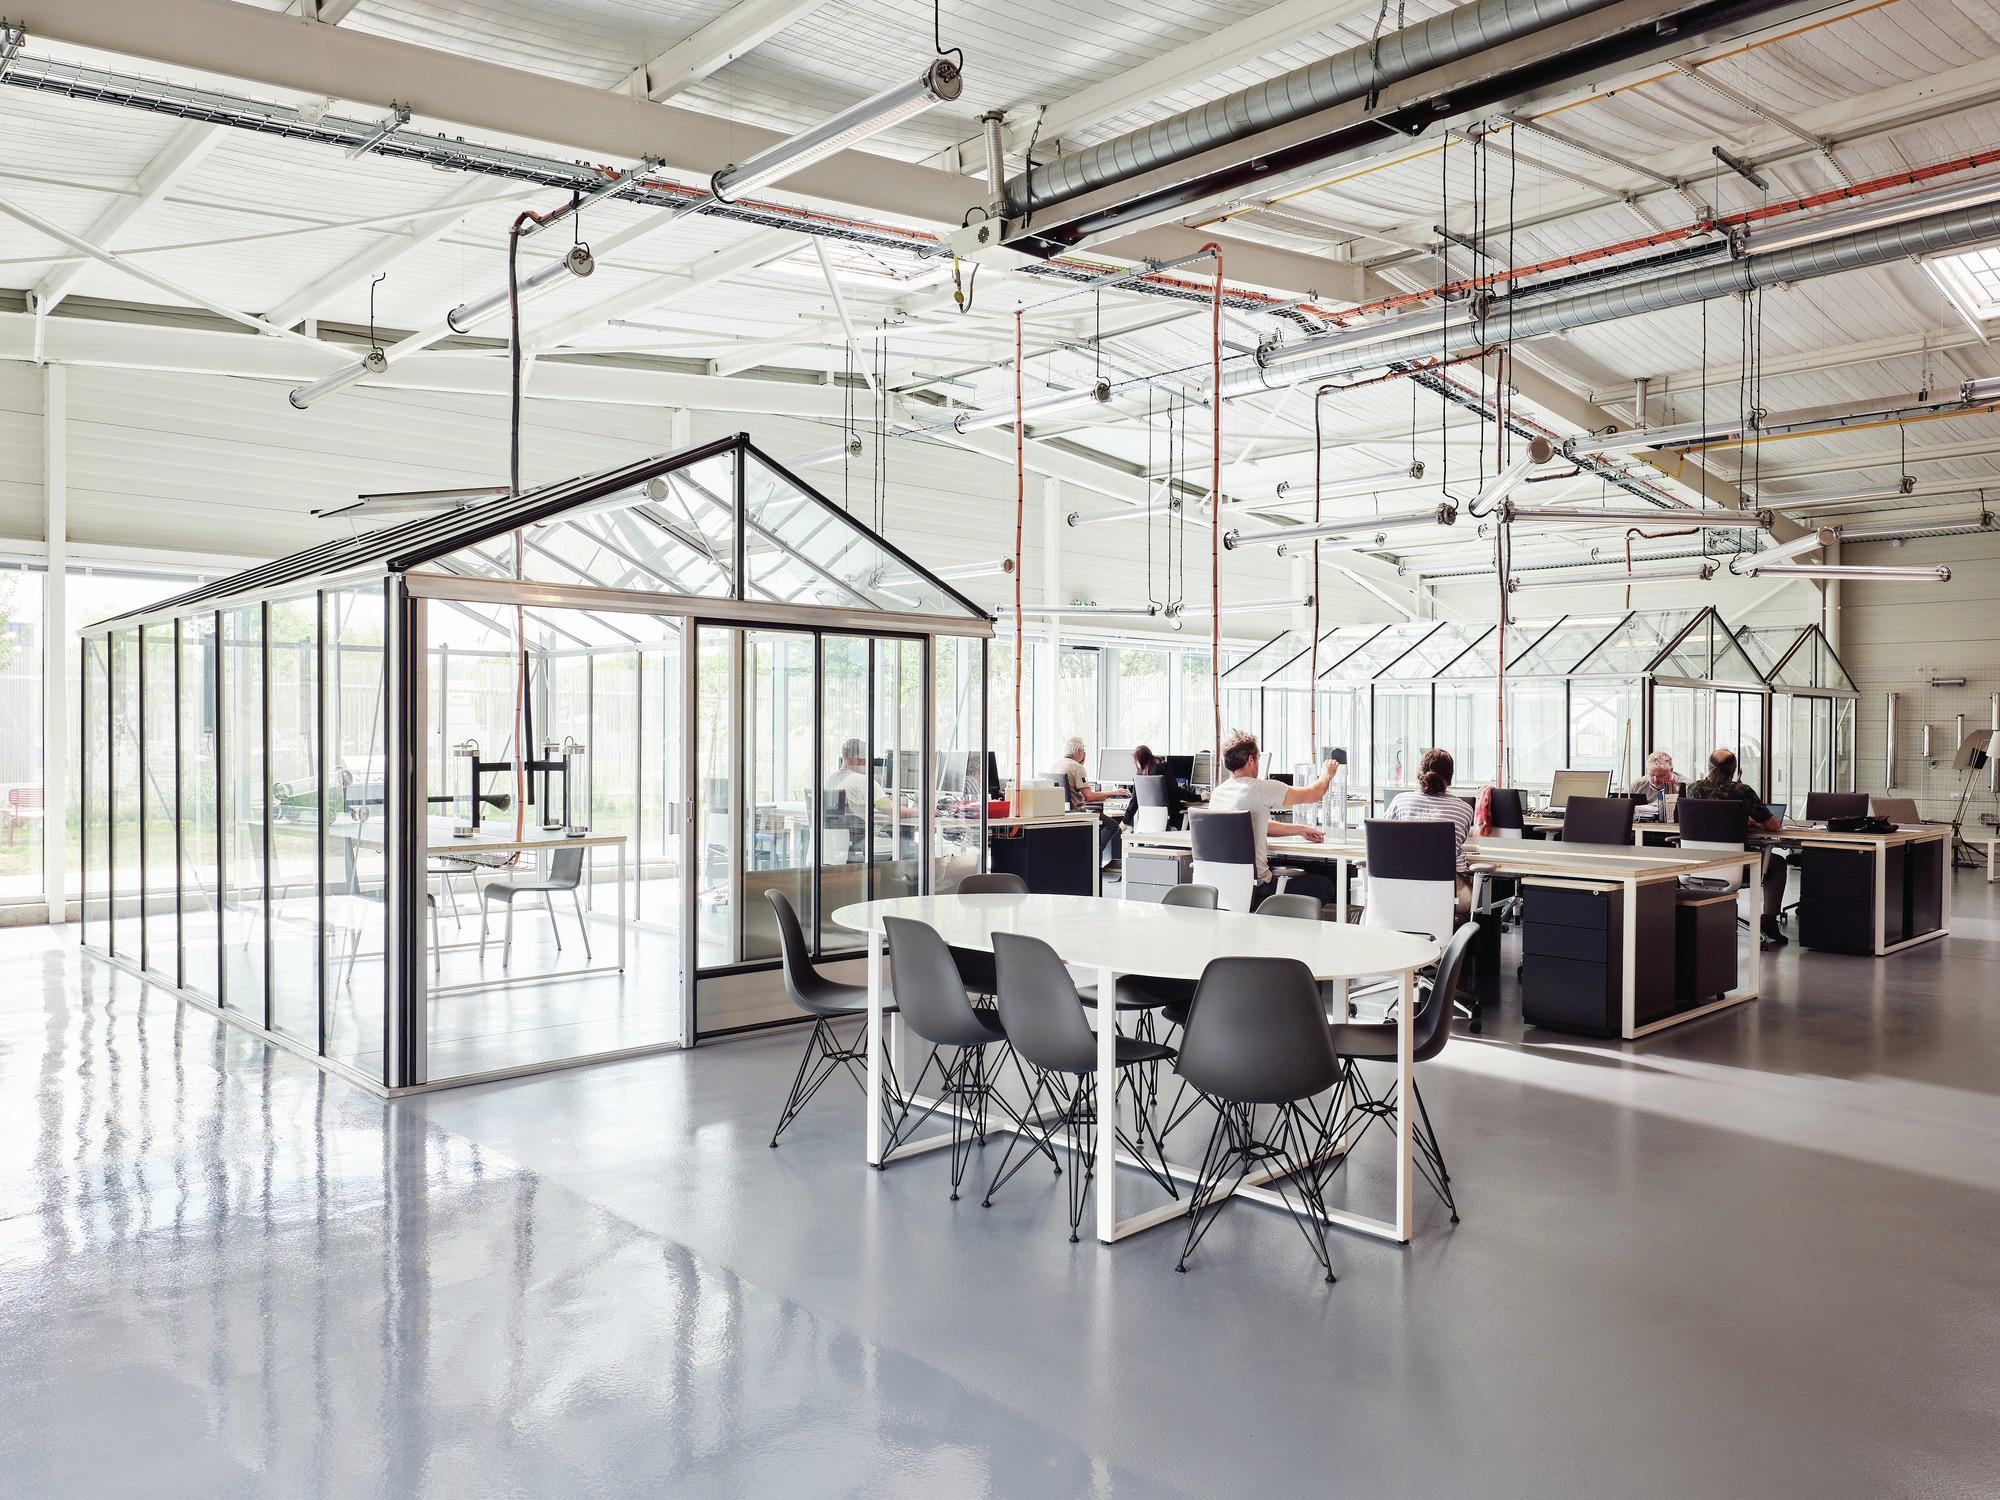 湖南浩安公装公司装修设计资讯知识岳阳办公室装修各功能分区设计技巧精要